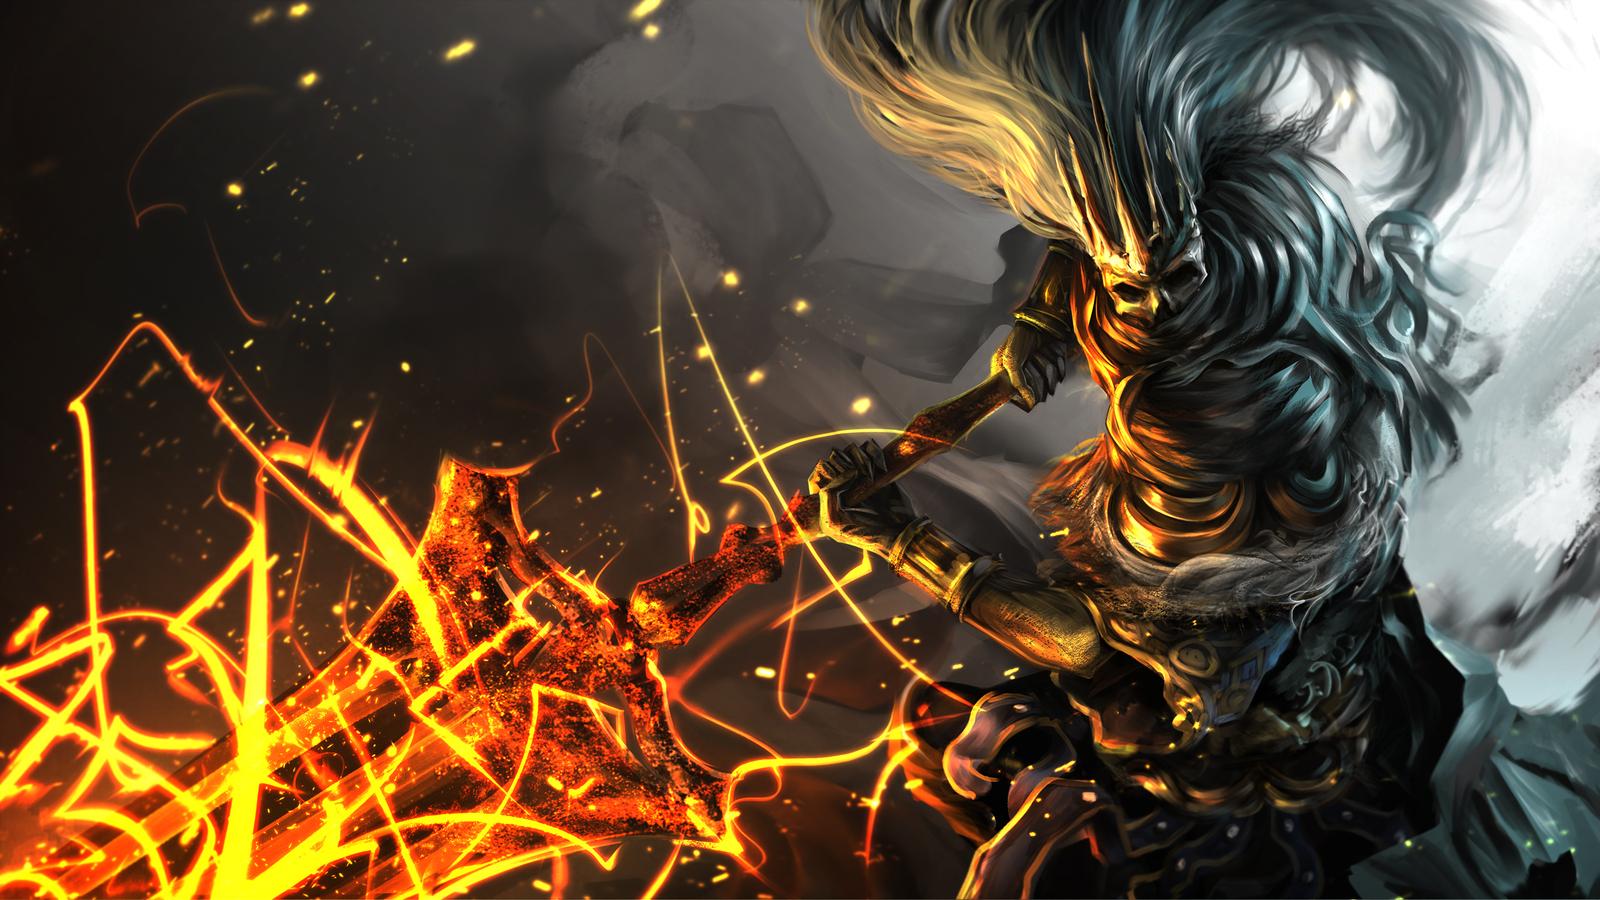 1600x900 Dark Souls 3 Artwork 3 1600x900 Resolution Hd 4k